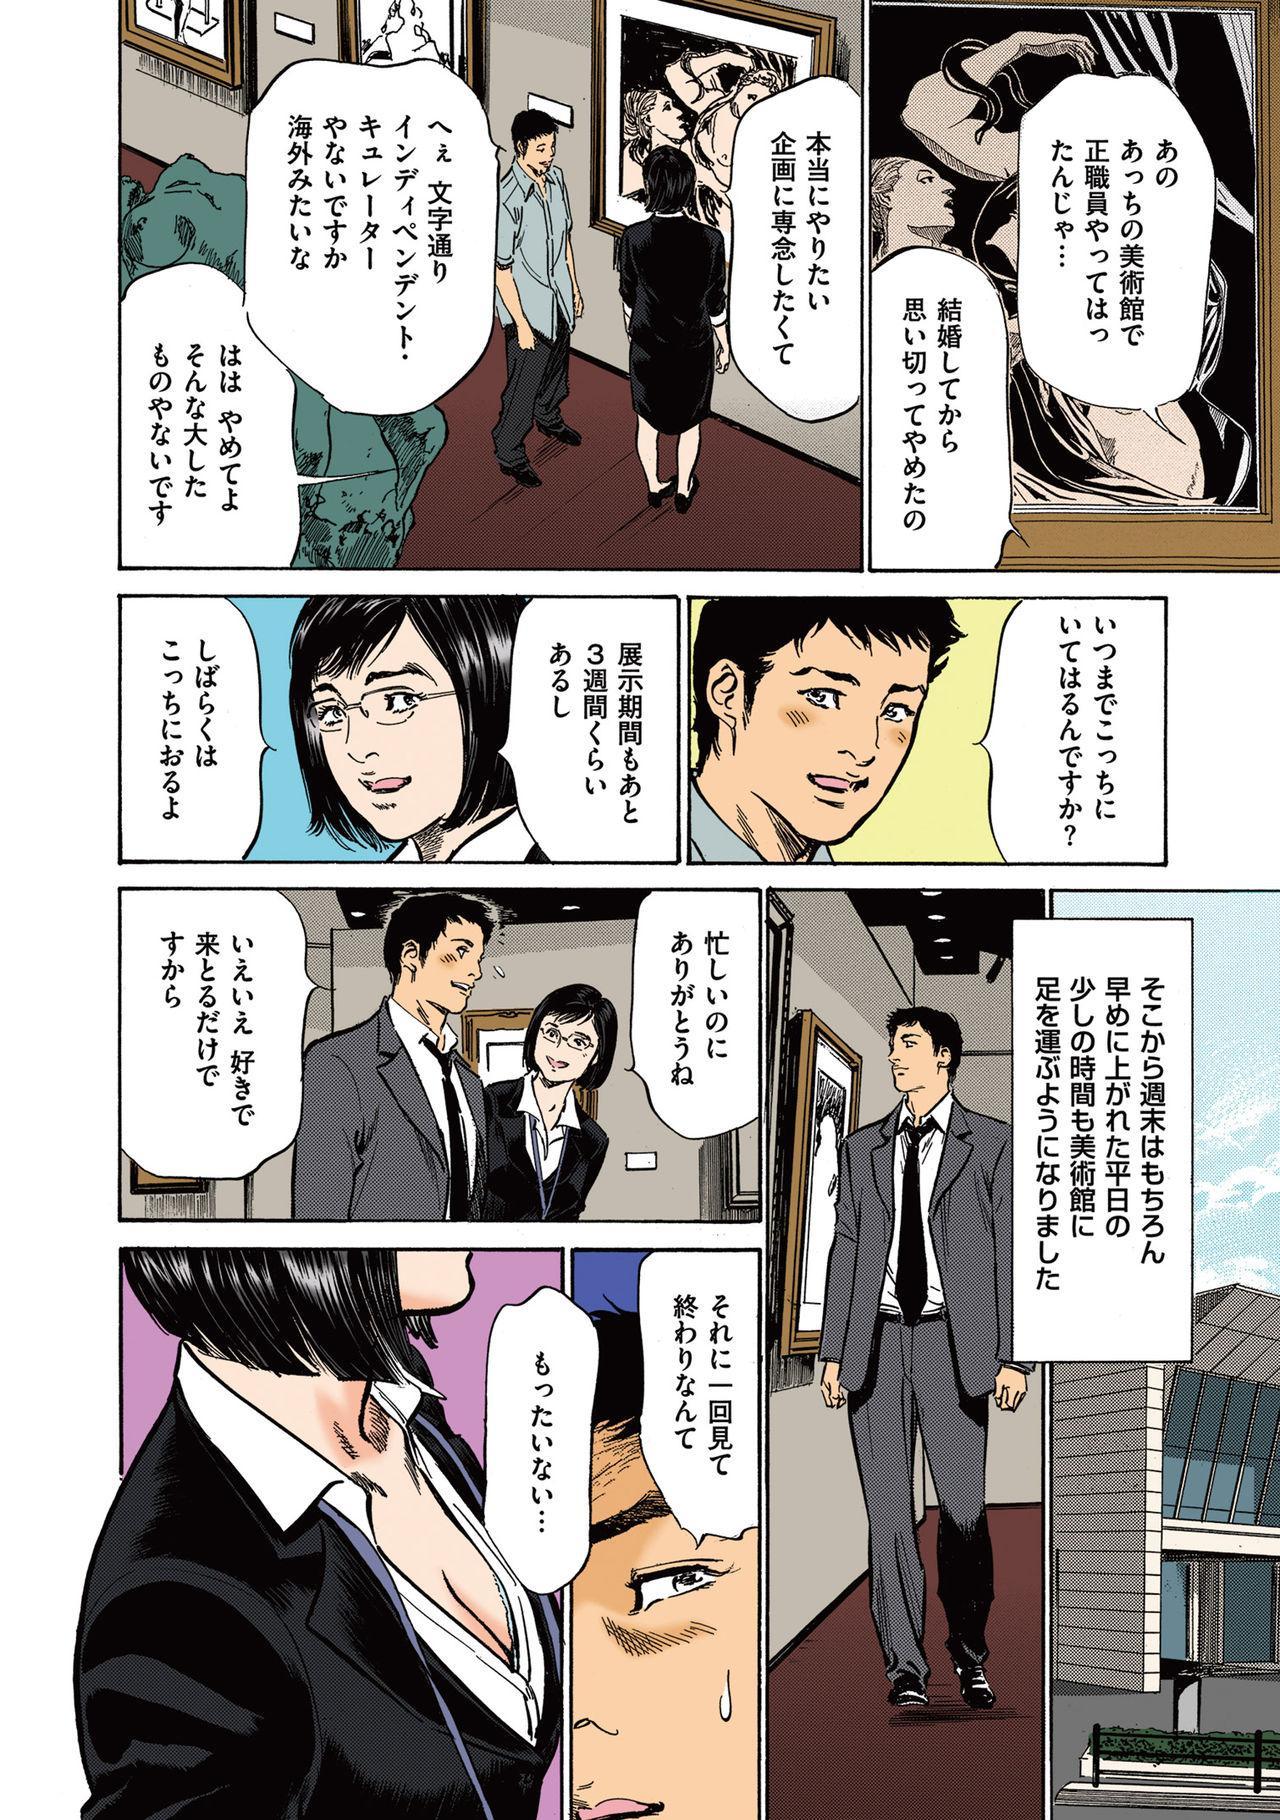 [Hazuki Kaoru] Hazuki Kaoru no Tamaranai Hanashi (Full Color Version) 2-1 55